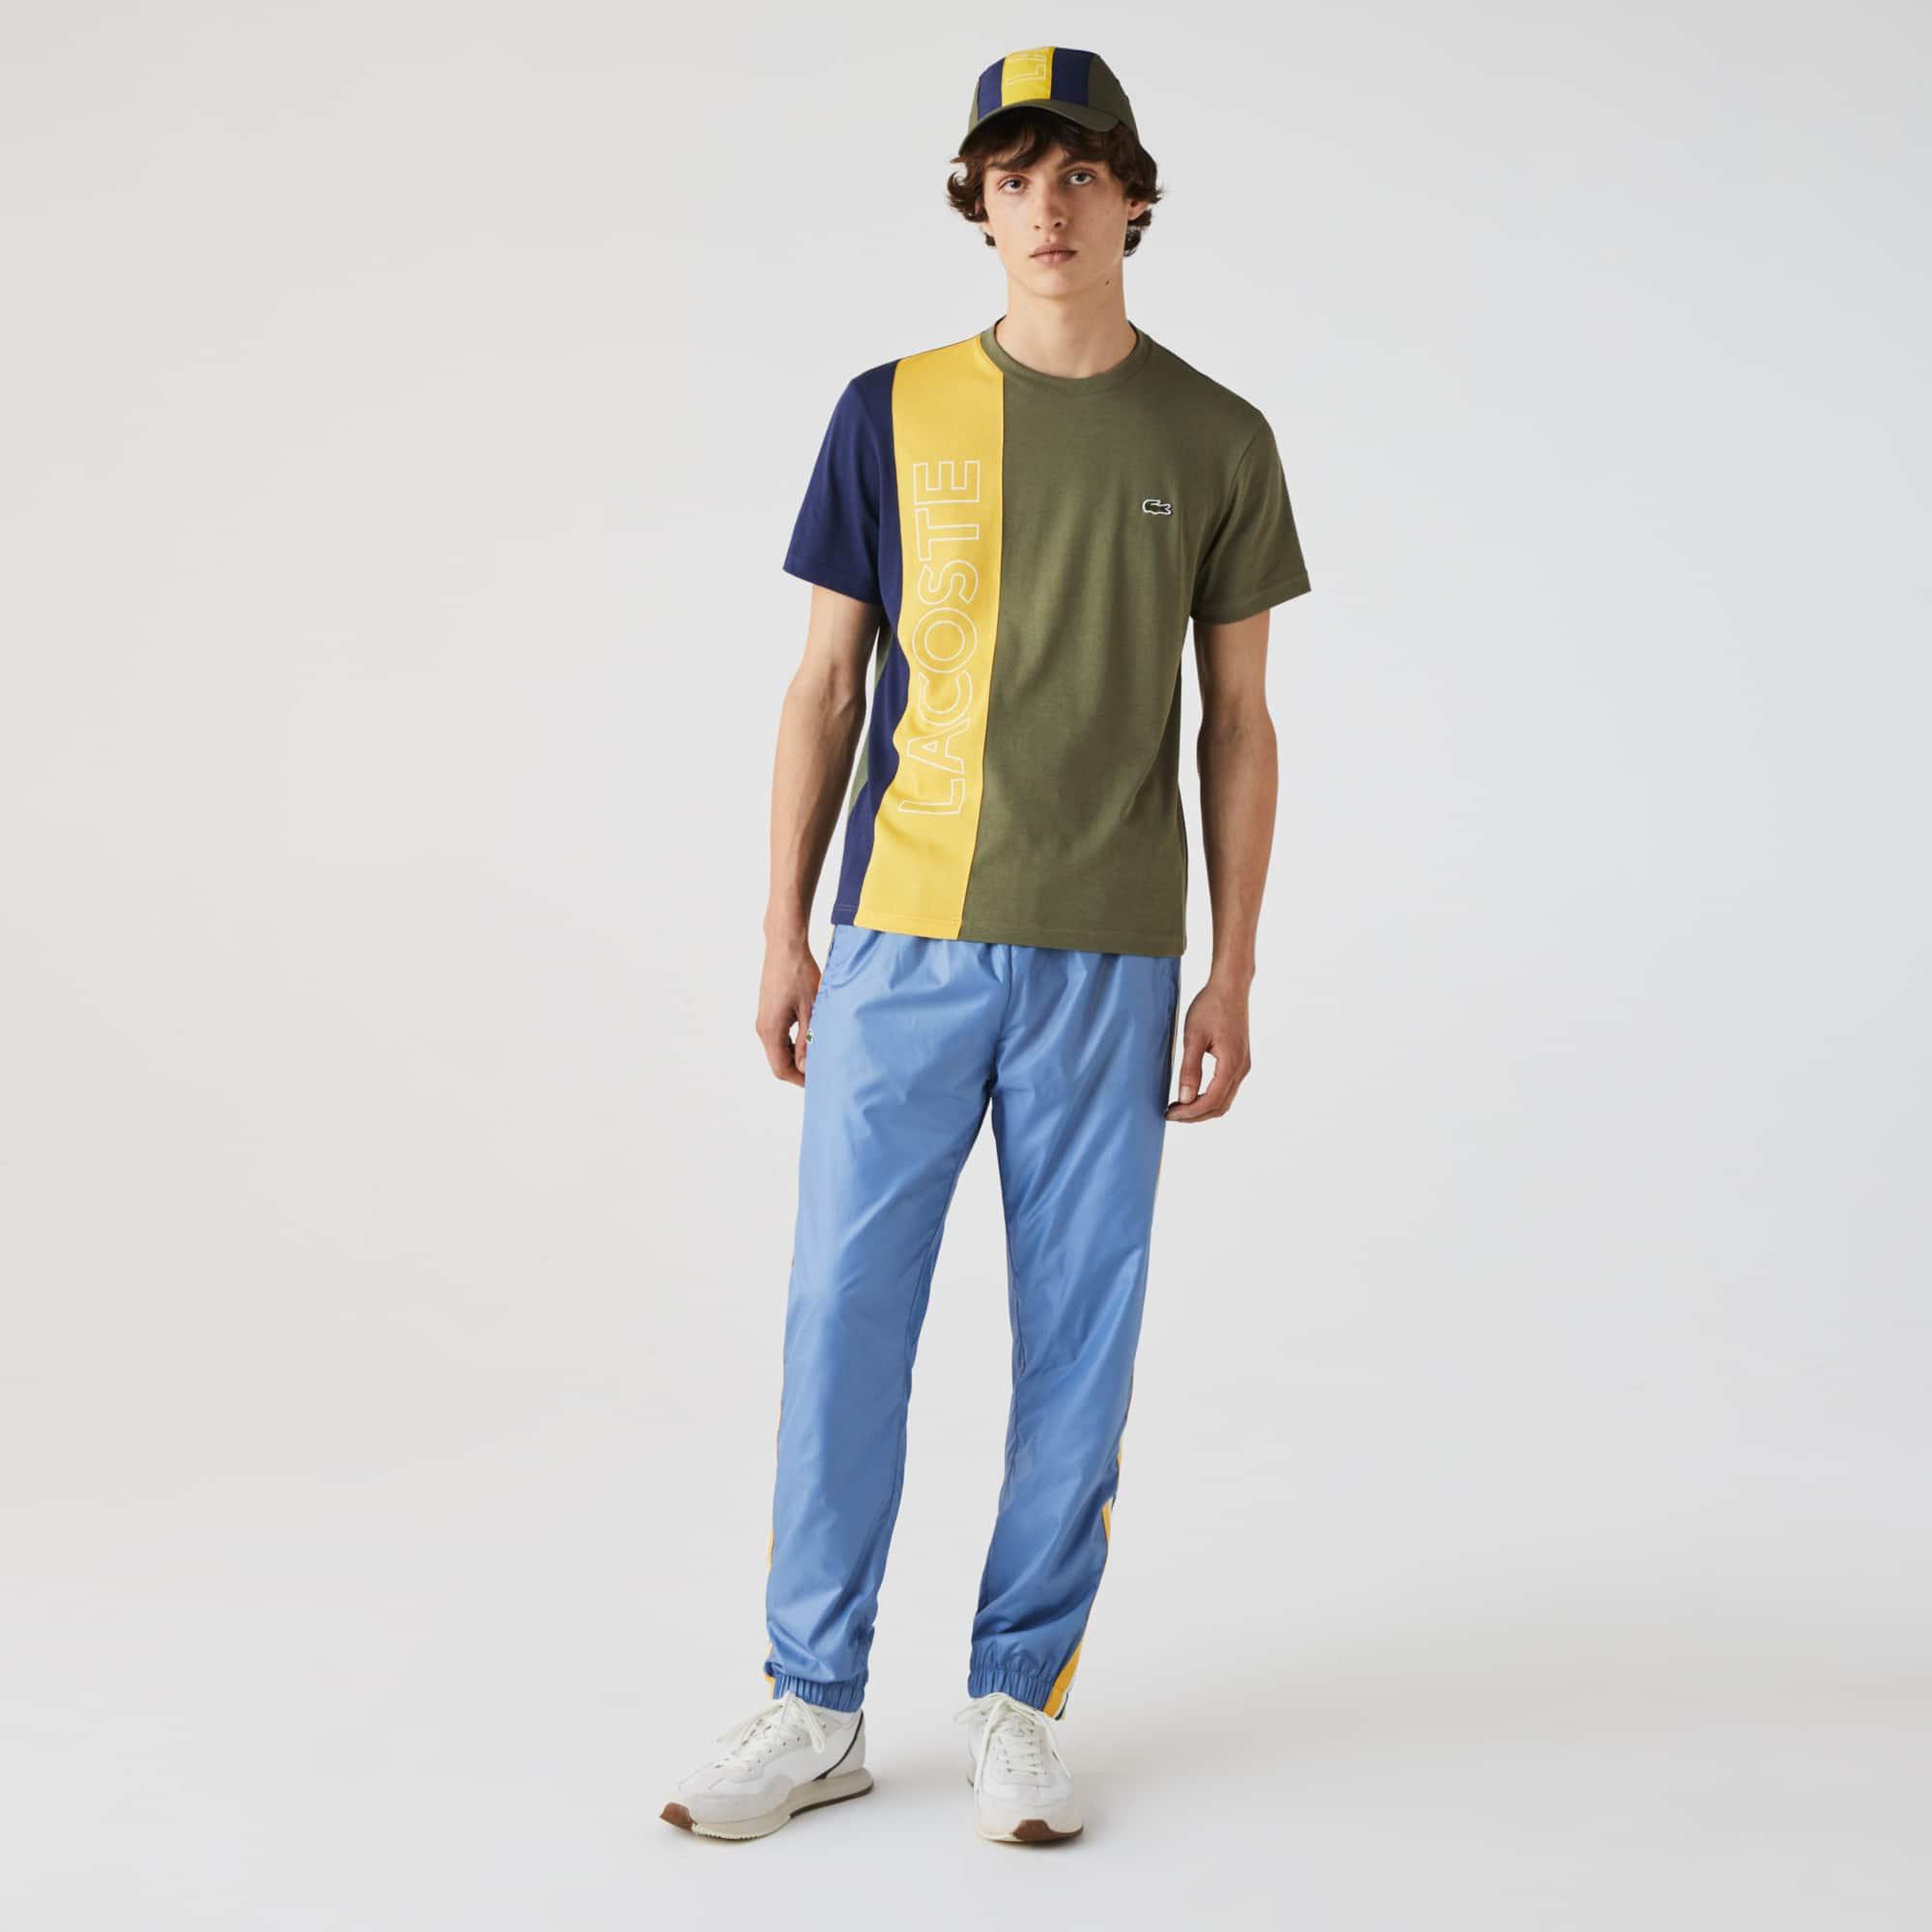 라코스테 Lacoste Men's Crewneck Colorblock T-shirt,Khaki Green / Yellow / Blue XHR